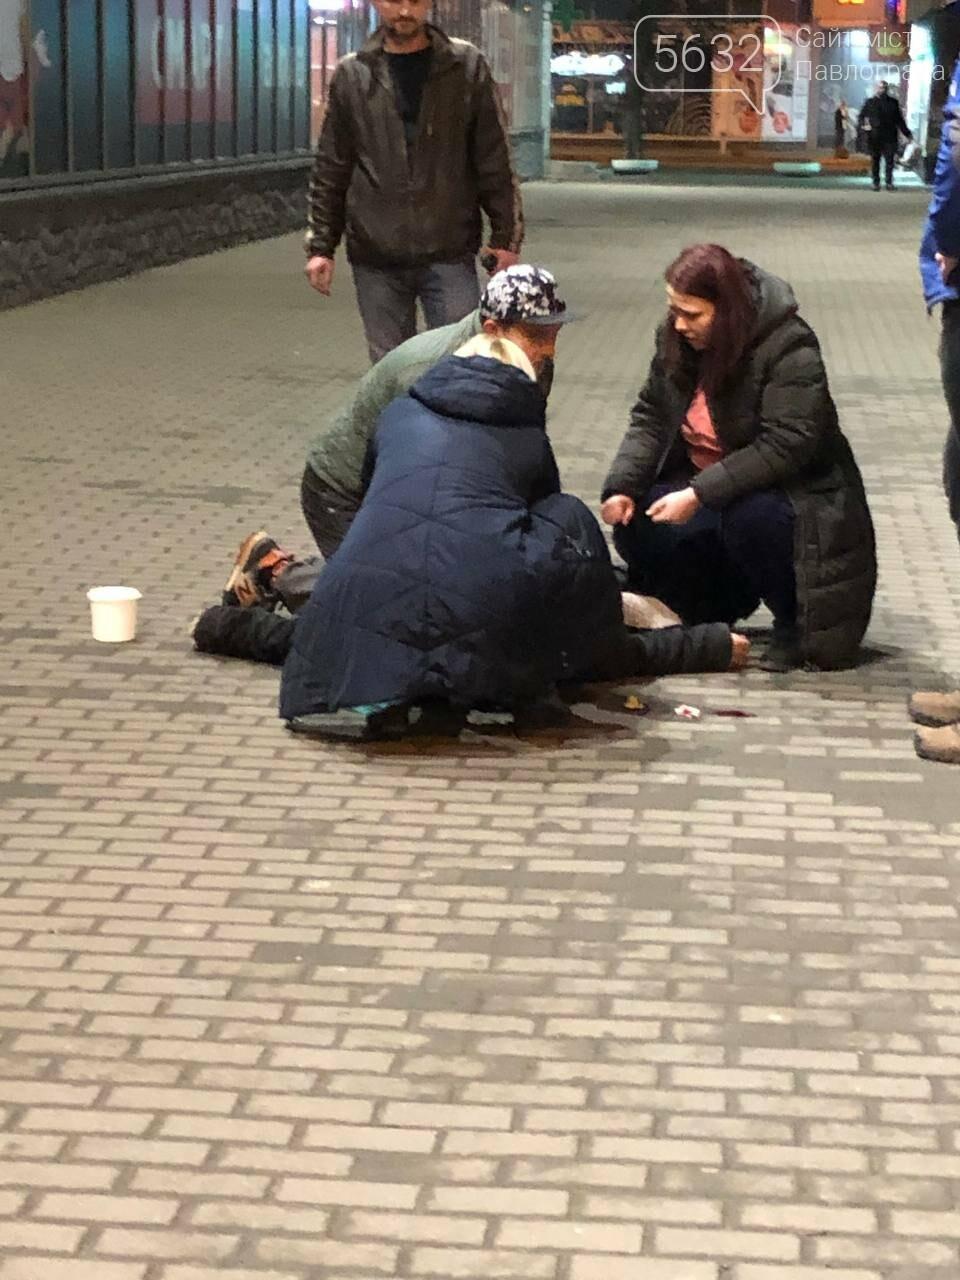 В Павлограде спасали мужчину, упавшего на улице (ФОТО, ВИДЕО), фото-2